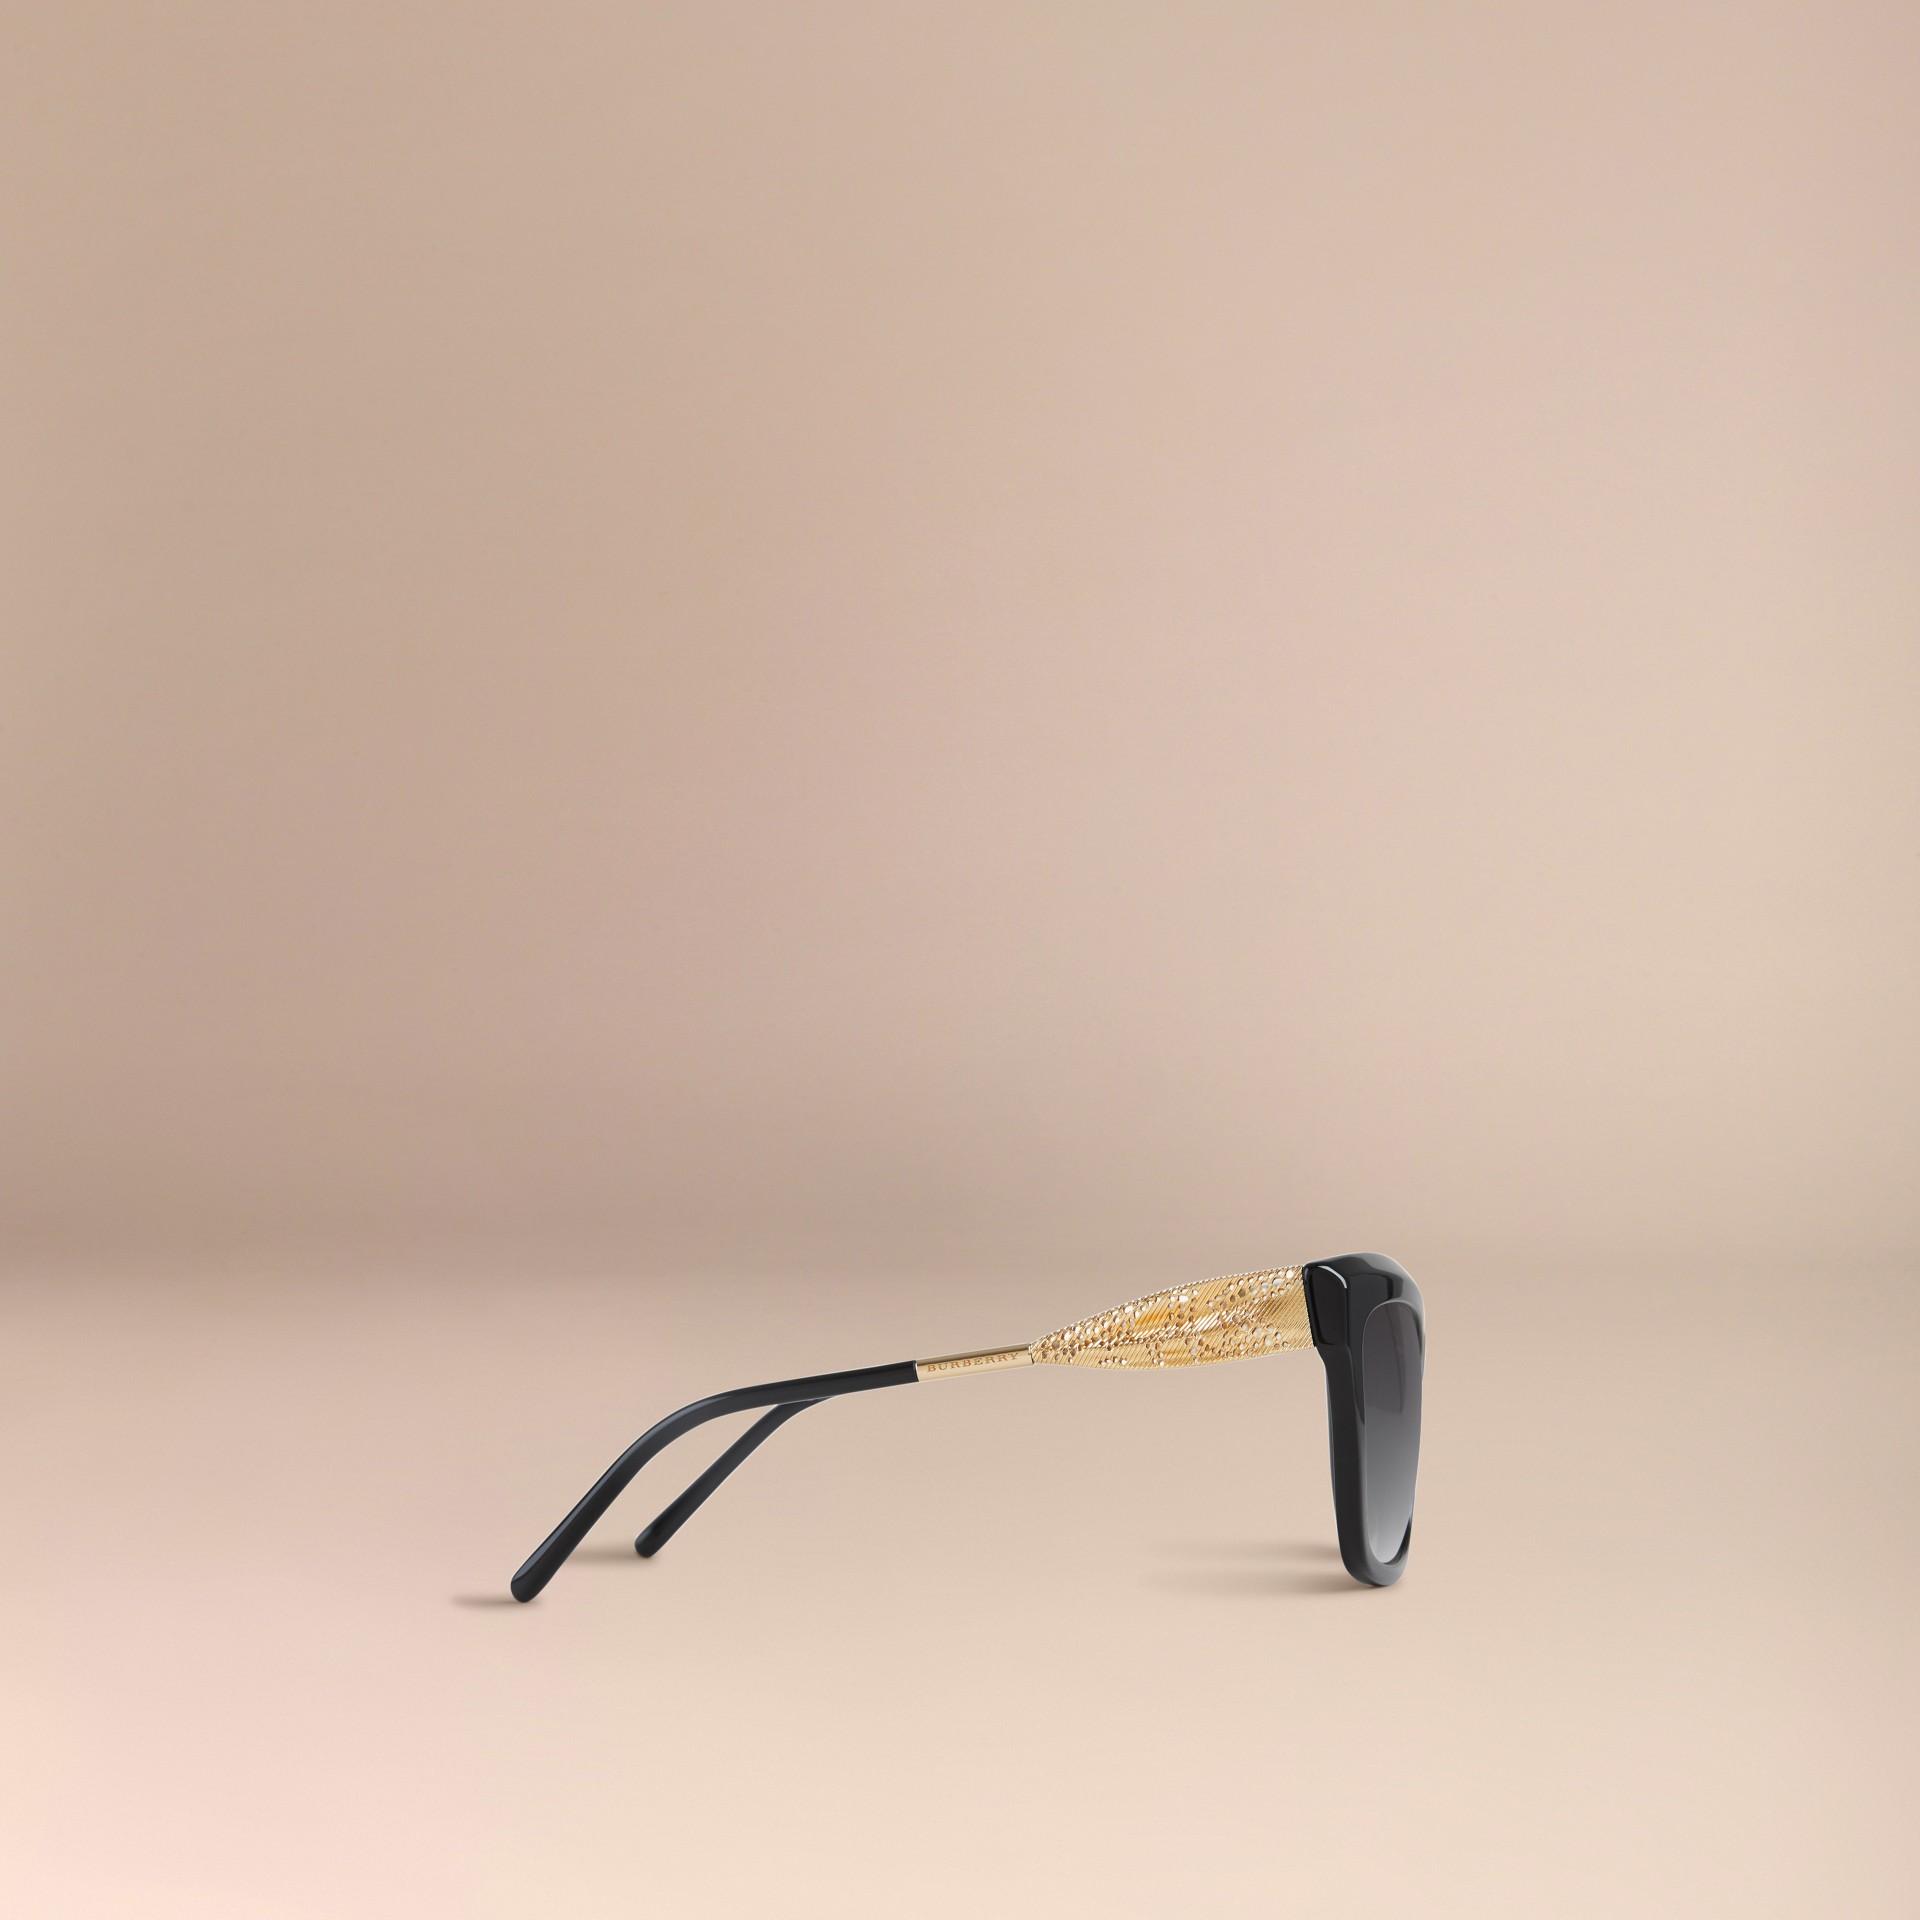 Preto Óculos de sol com armação quadrada da coleção Gabardine Lace Preto - galeria de imagens 5